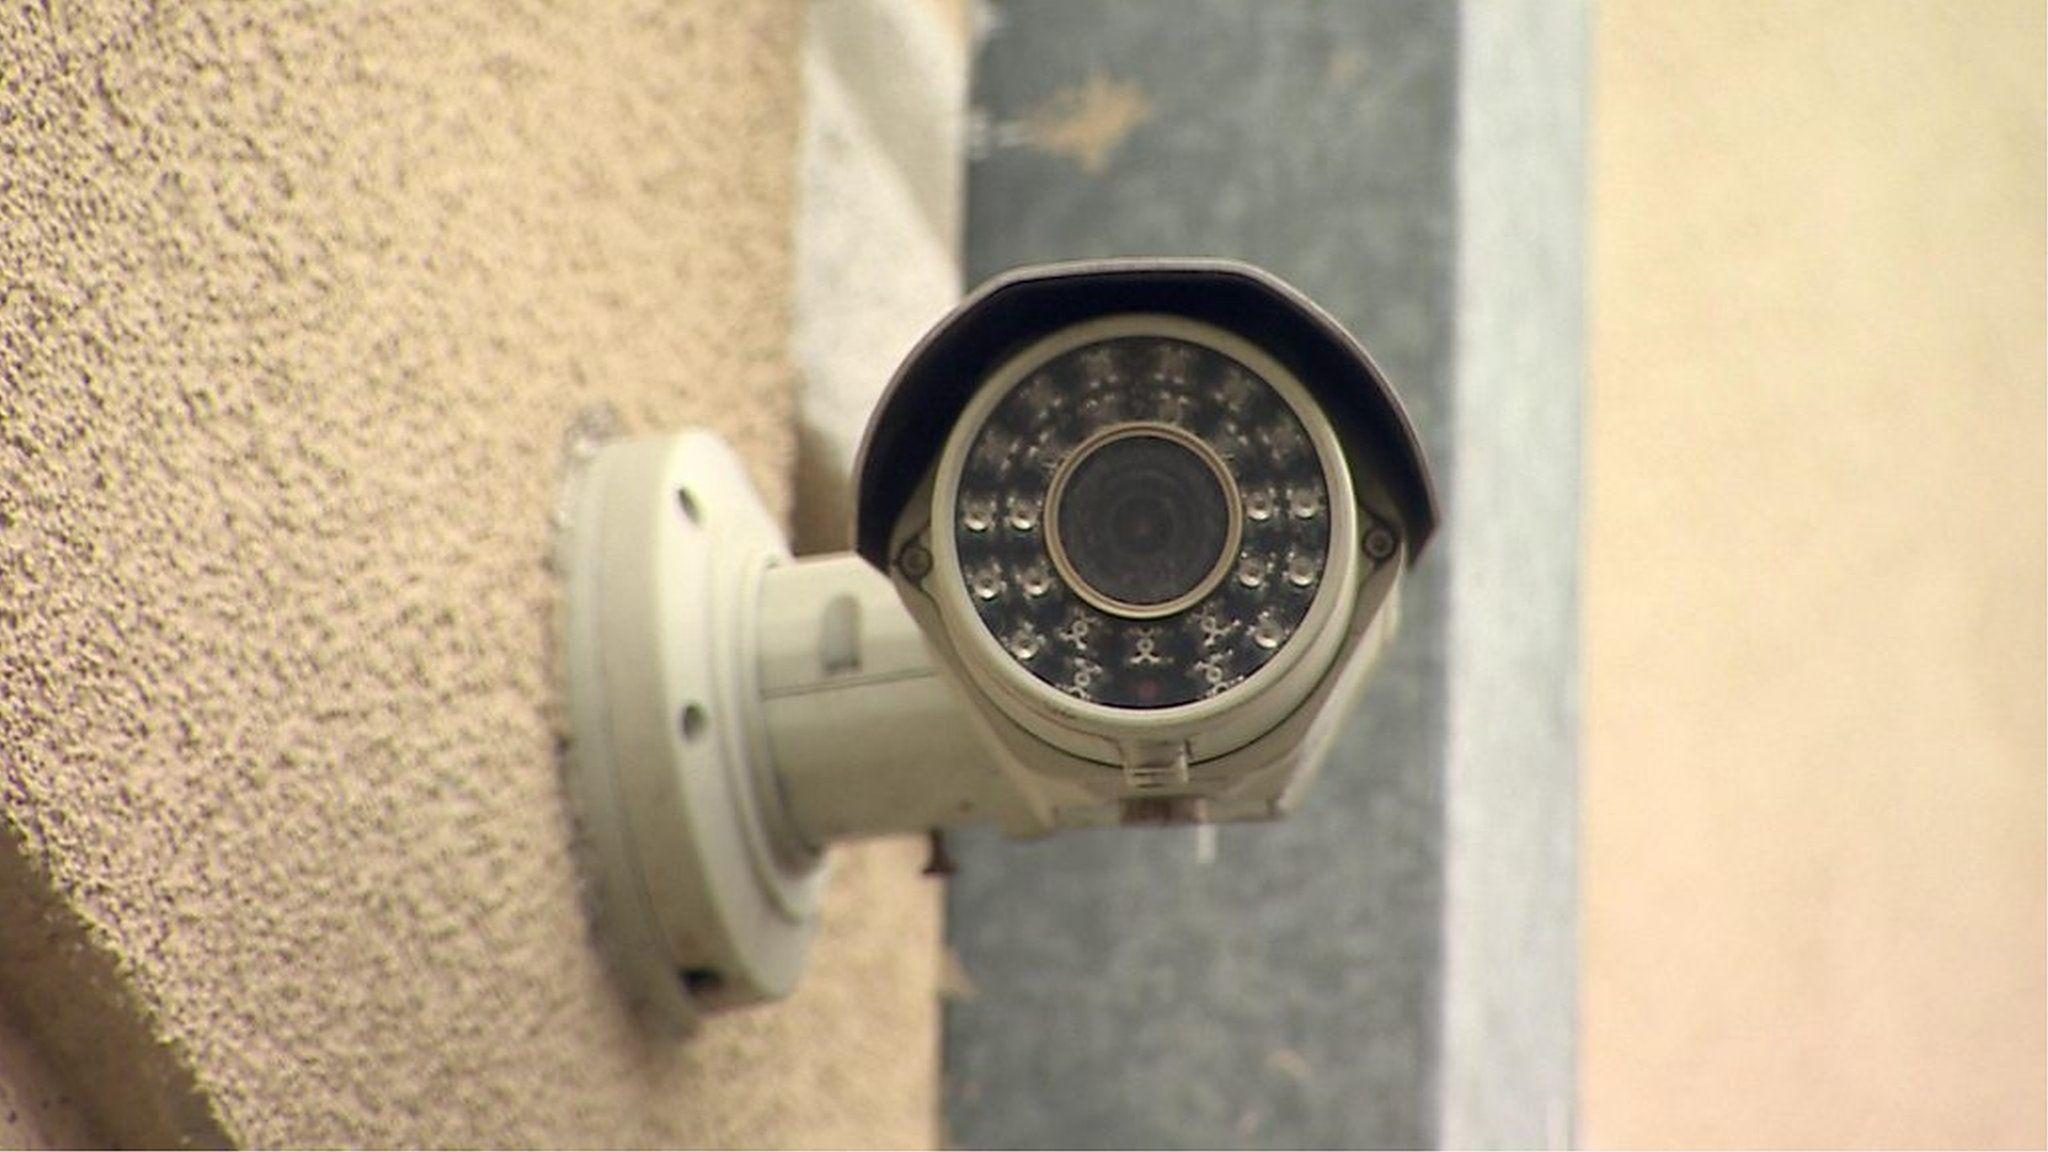 「ごみ出しで逮捕」も 顔認証で市民を監視、新型ウイルスで封鎖のモスクワ